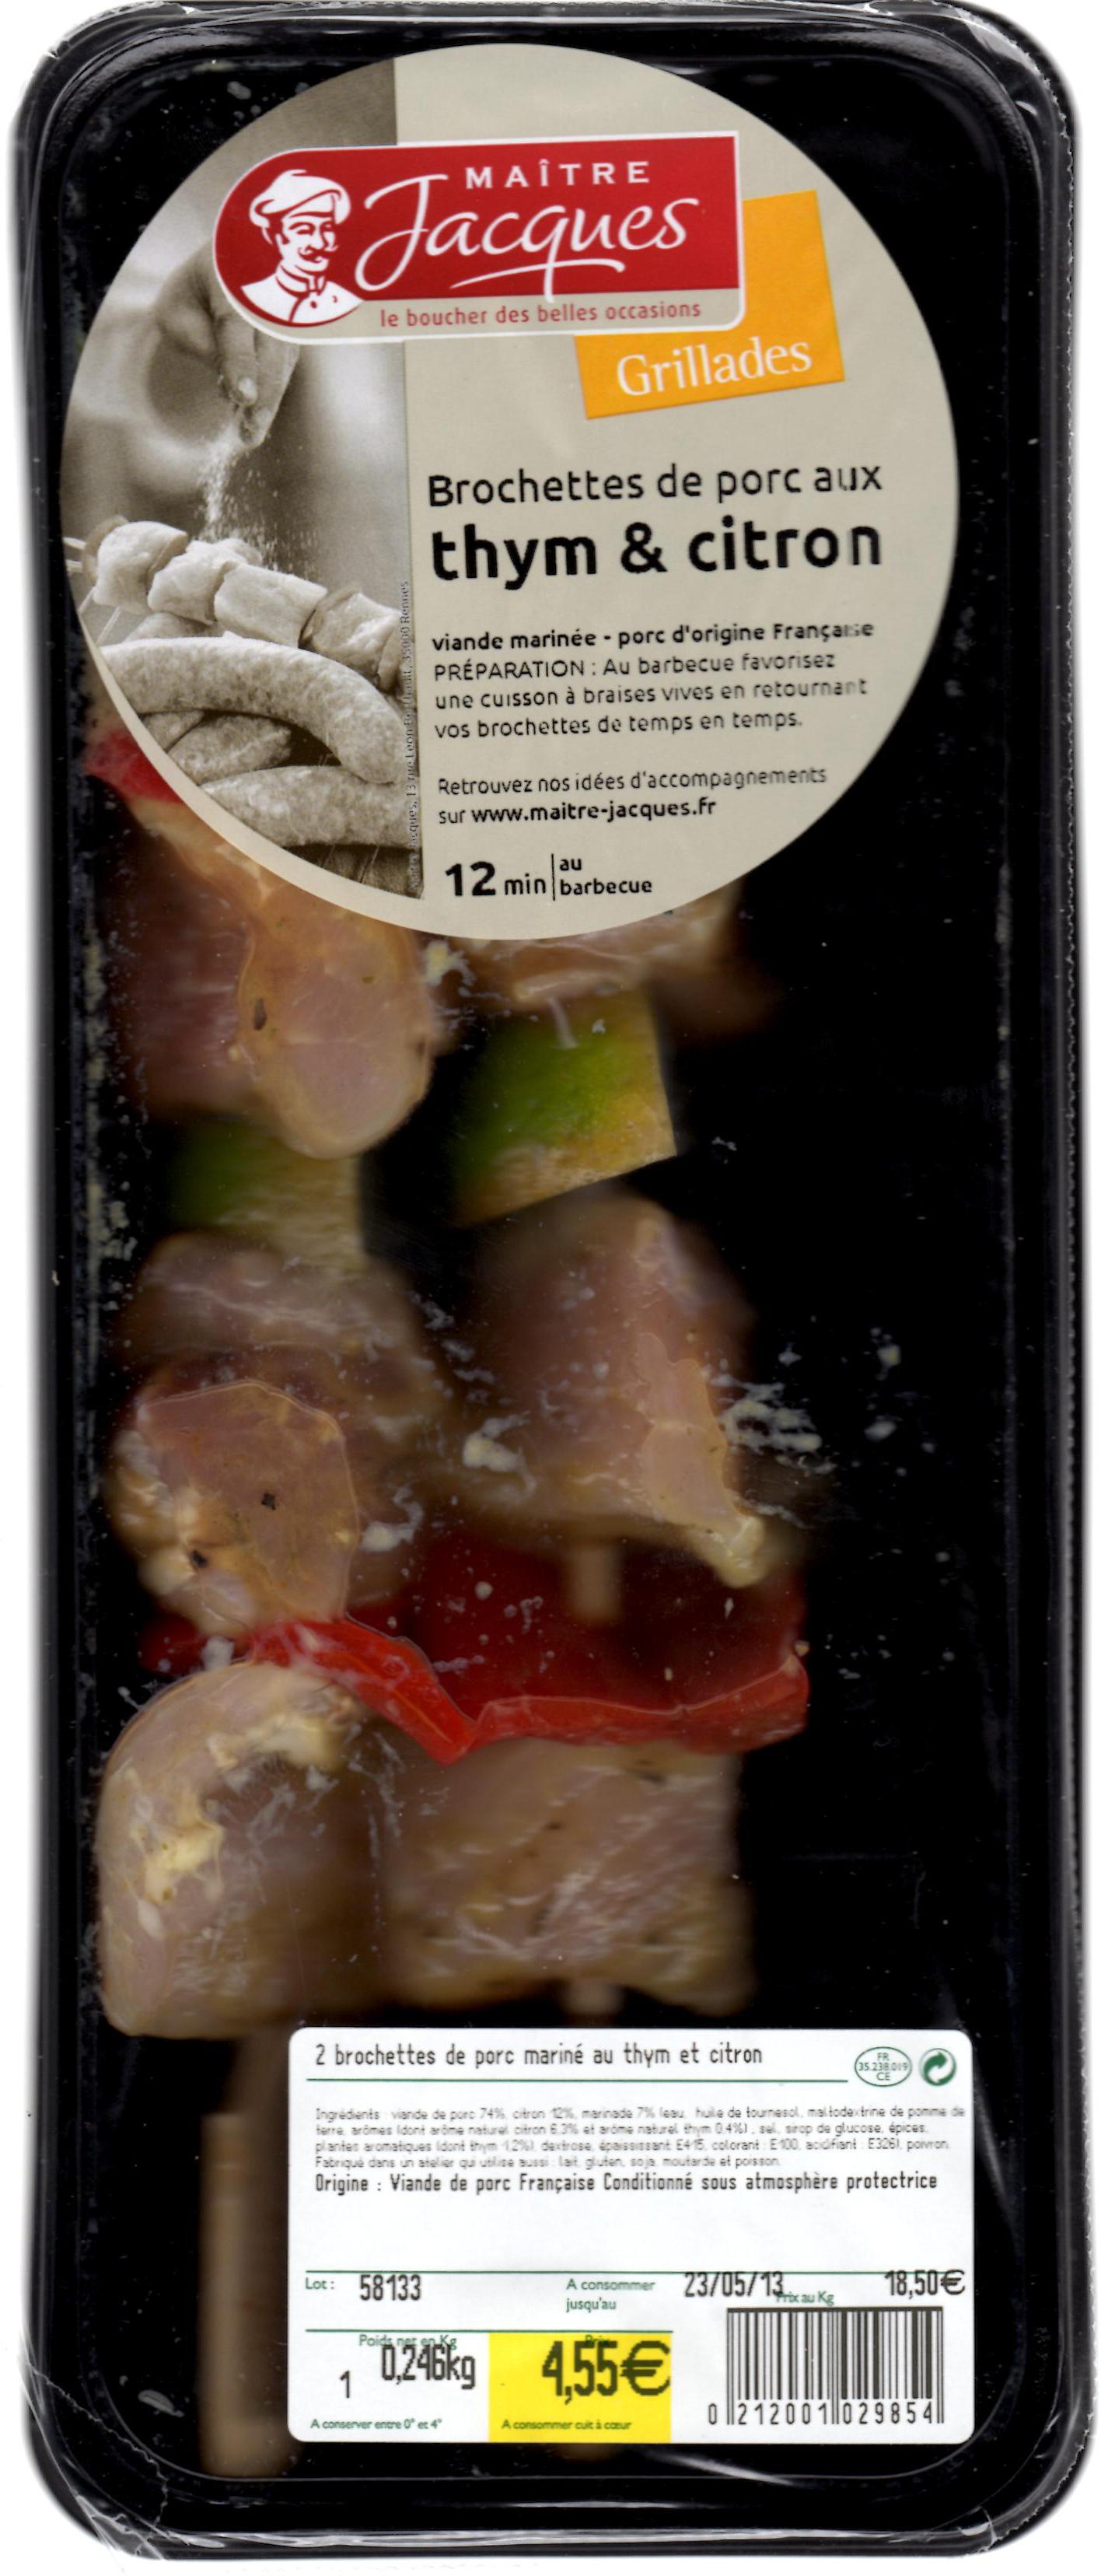 Brochettes de porc au thym et citron - Produit